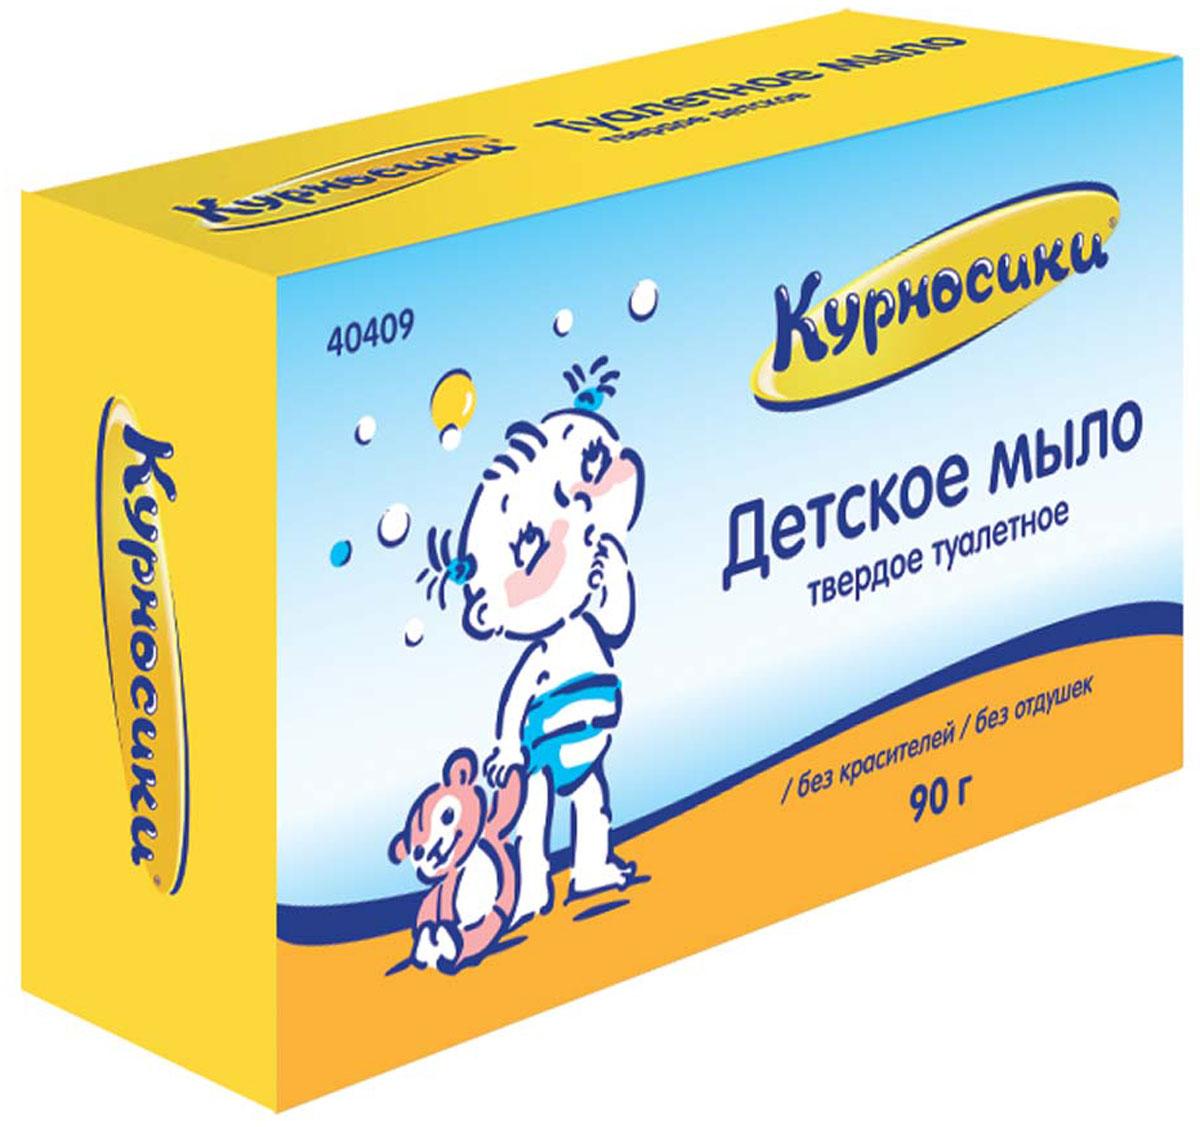 Курносики Мыло Детское 90 г40409Мыло детское Курносики специально разработано для ухода за самой нежной и чувствительной кожей новорожденных. Детское мыло мягко и бережно очищает кожу малыша. Мыло изготовлено из высококачественных натуральных компонентов, не содержит красителей и ароматизаторов, подходит для ежедневного ухода за кожей детей и взрослых. Мыло не содержит красителей и отдушек. Рекомендуемый возраст: от 0 месяцев. Товар сертифицирован.